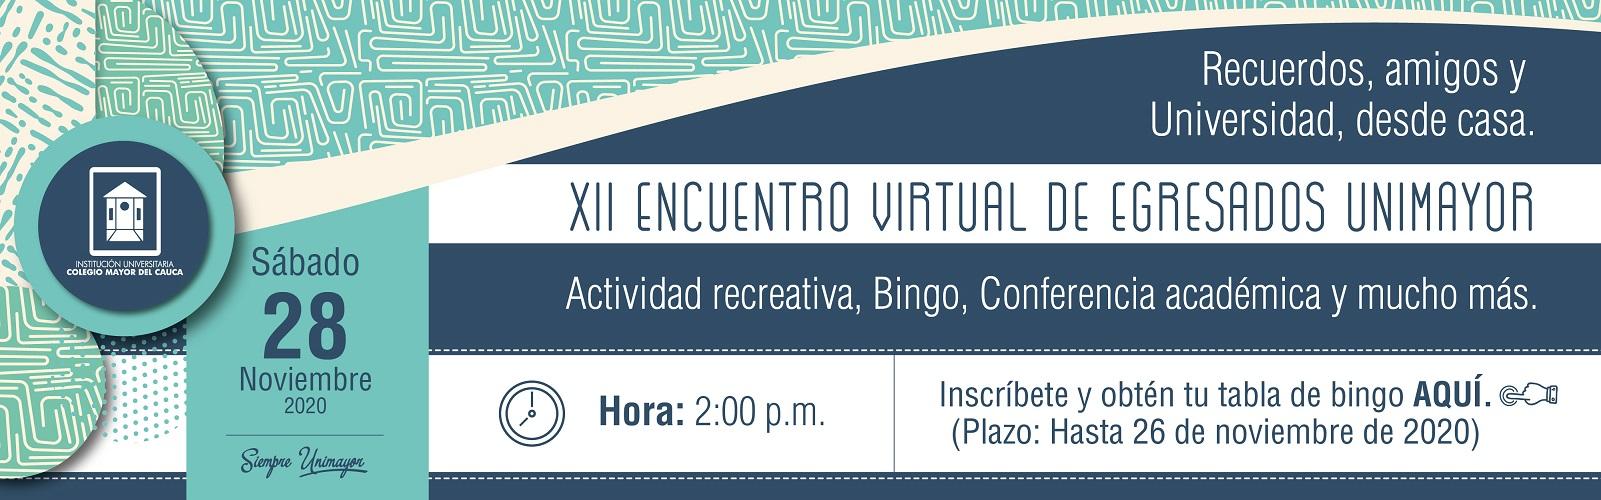 Banner_Invitacion_XII_Encuentro_de_Egresados